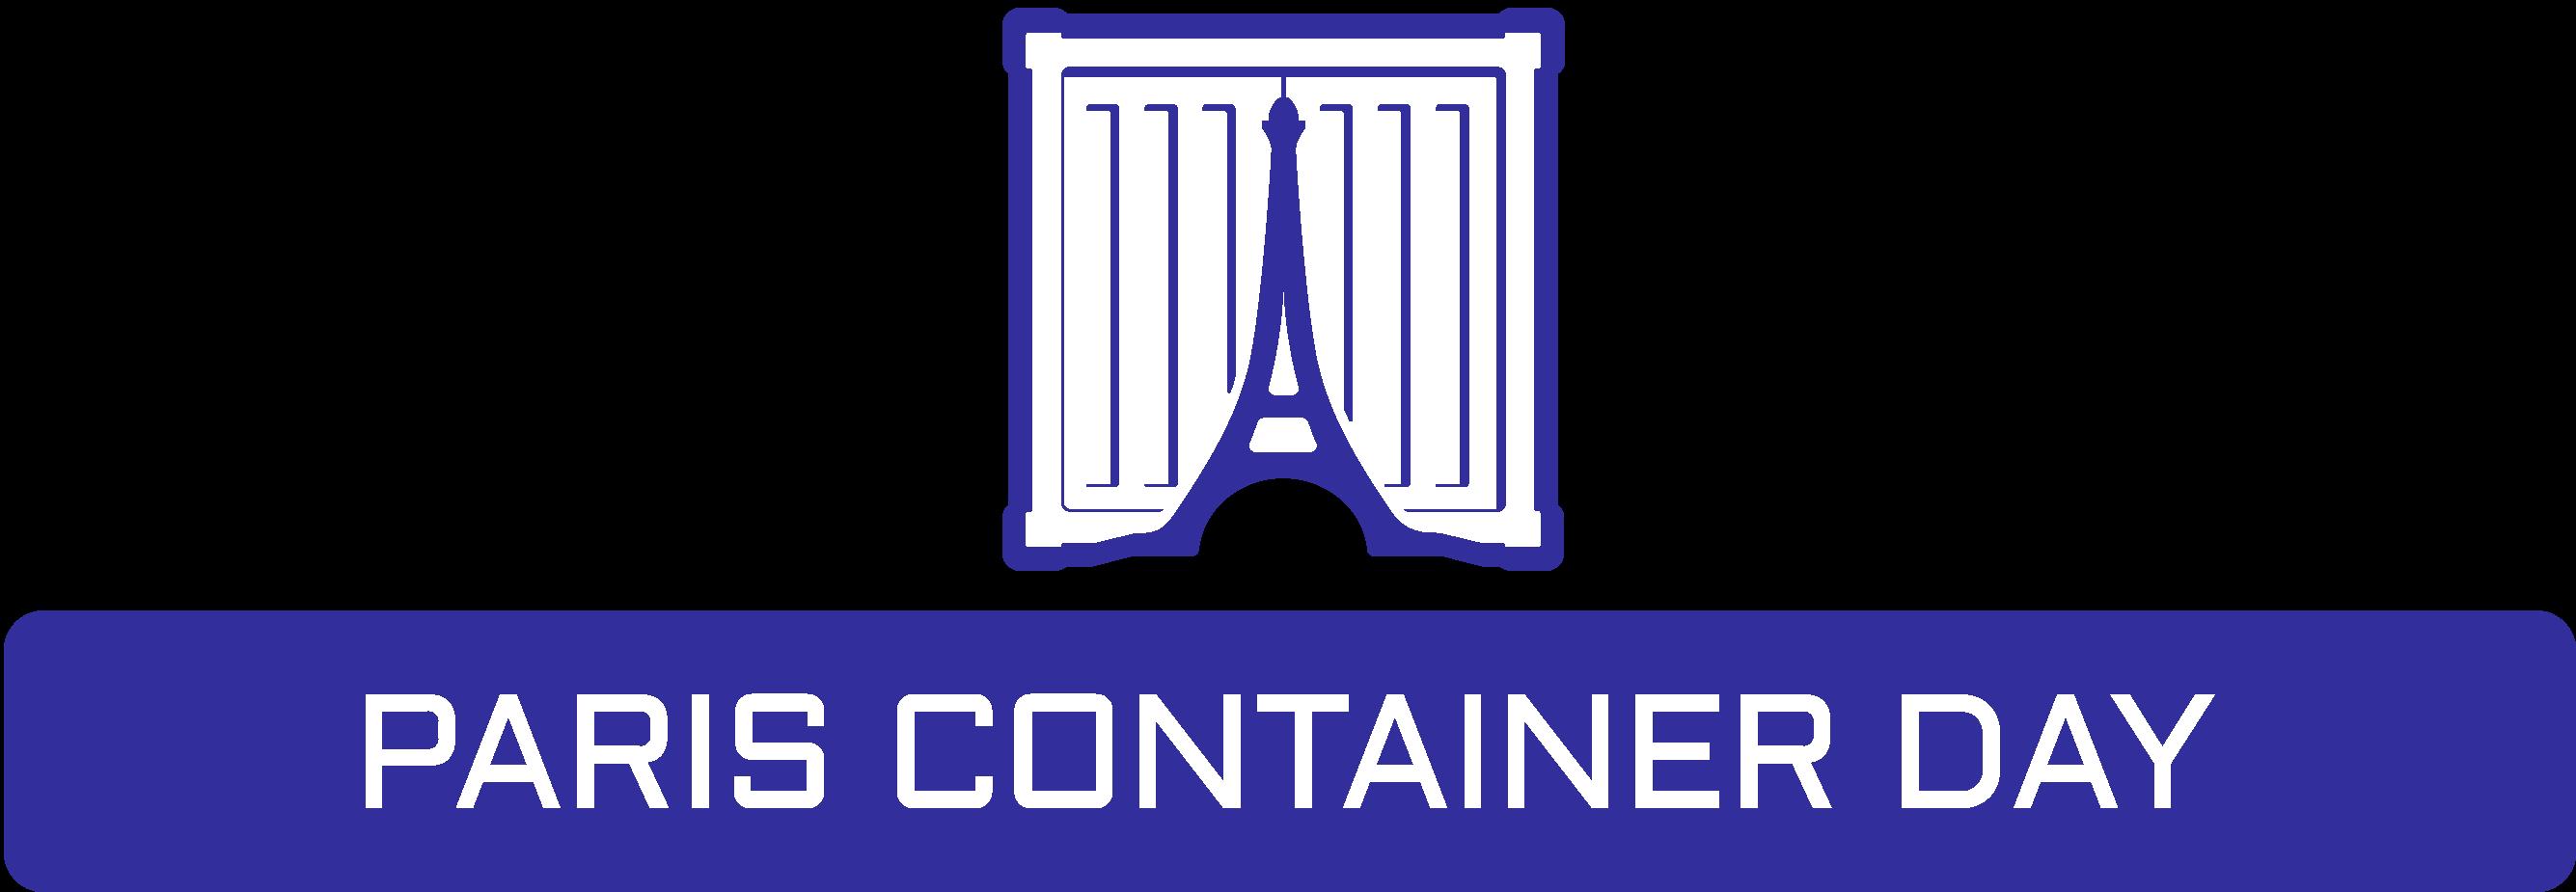 ParisContainerDay